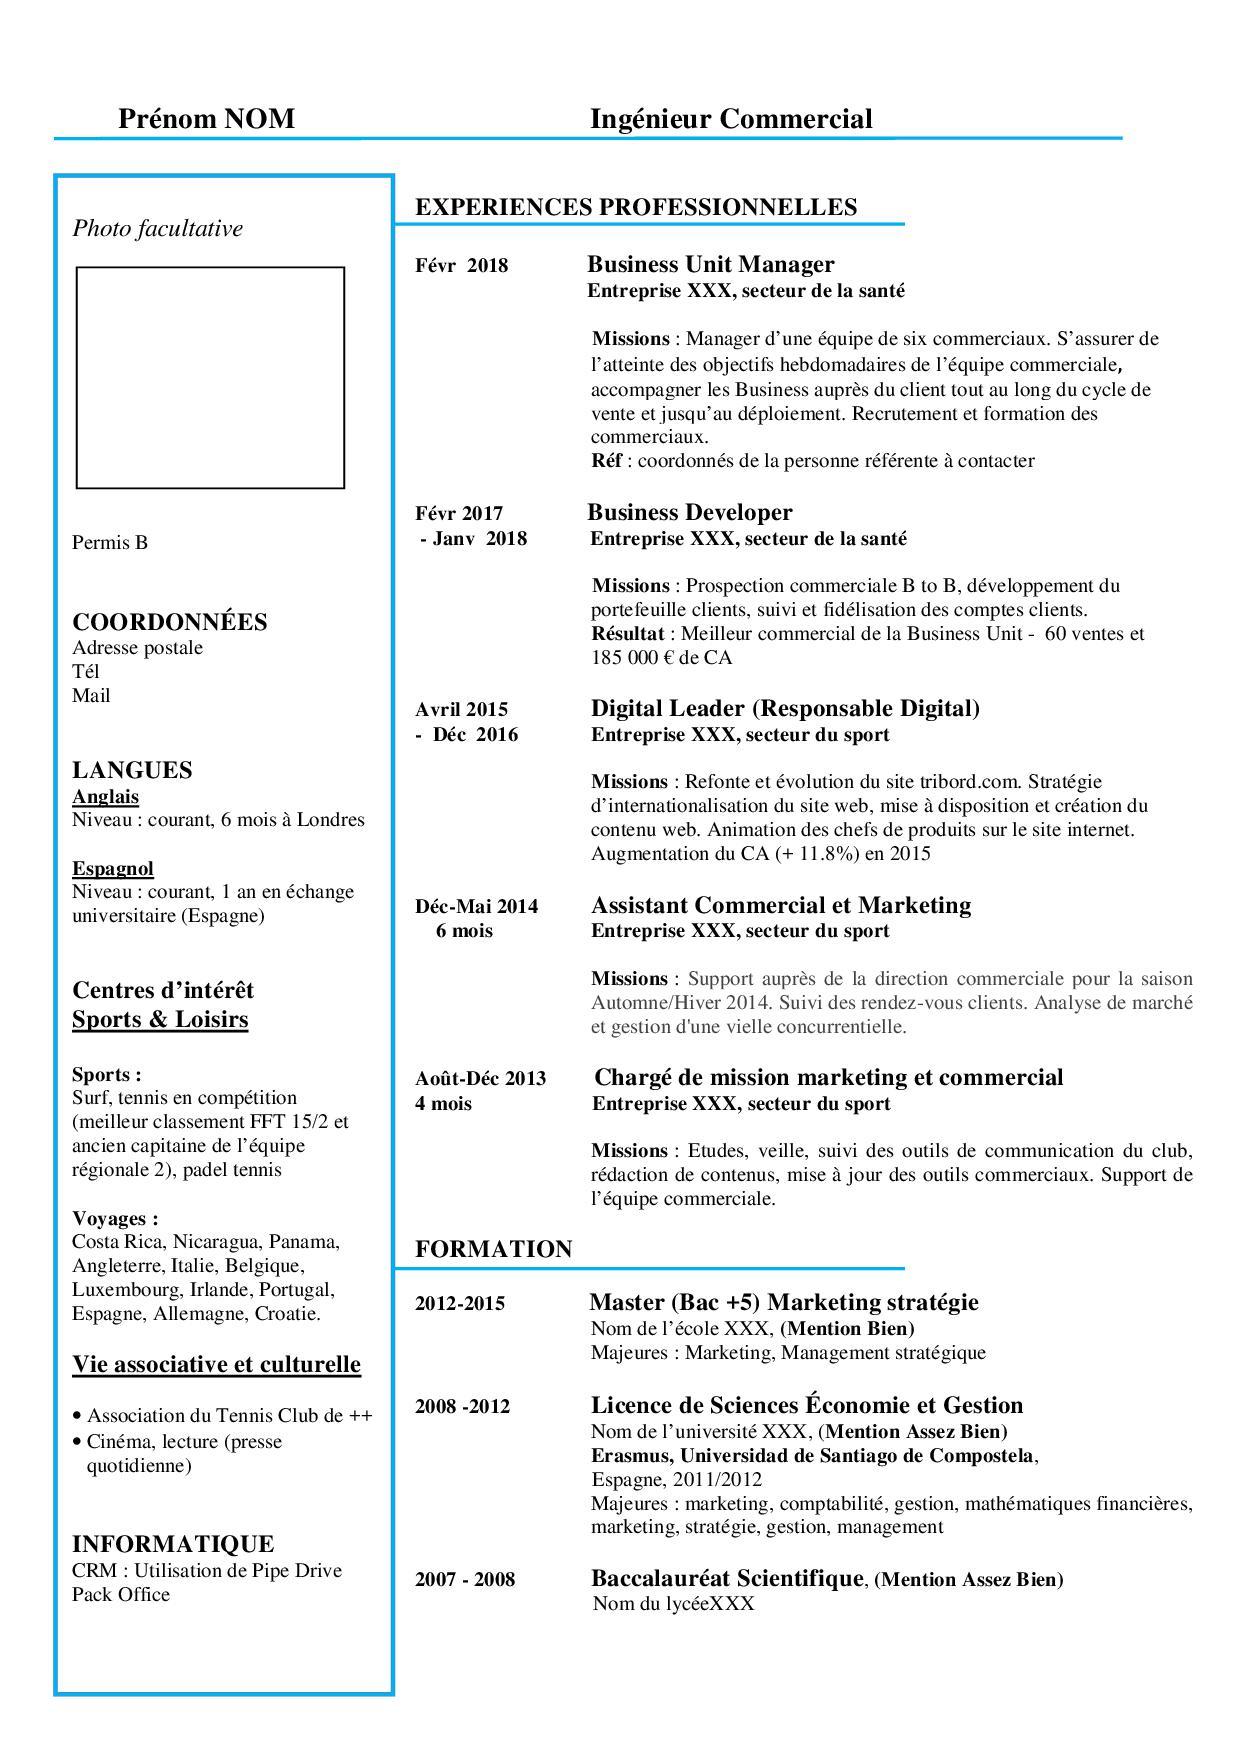 Cv De Commercial En 2021 Exemple Et Conseils Cadremploi